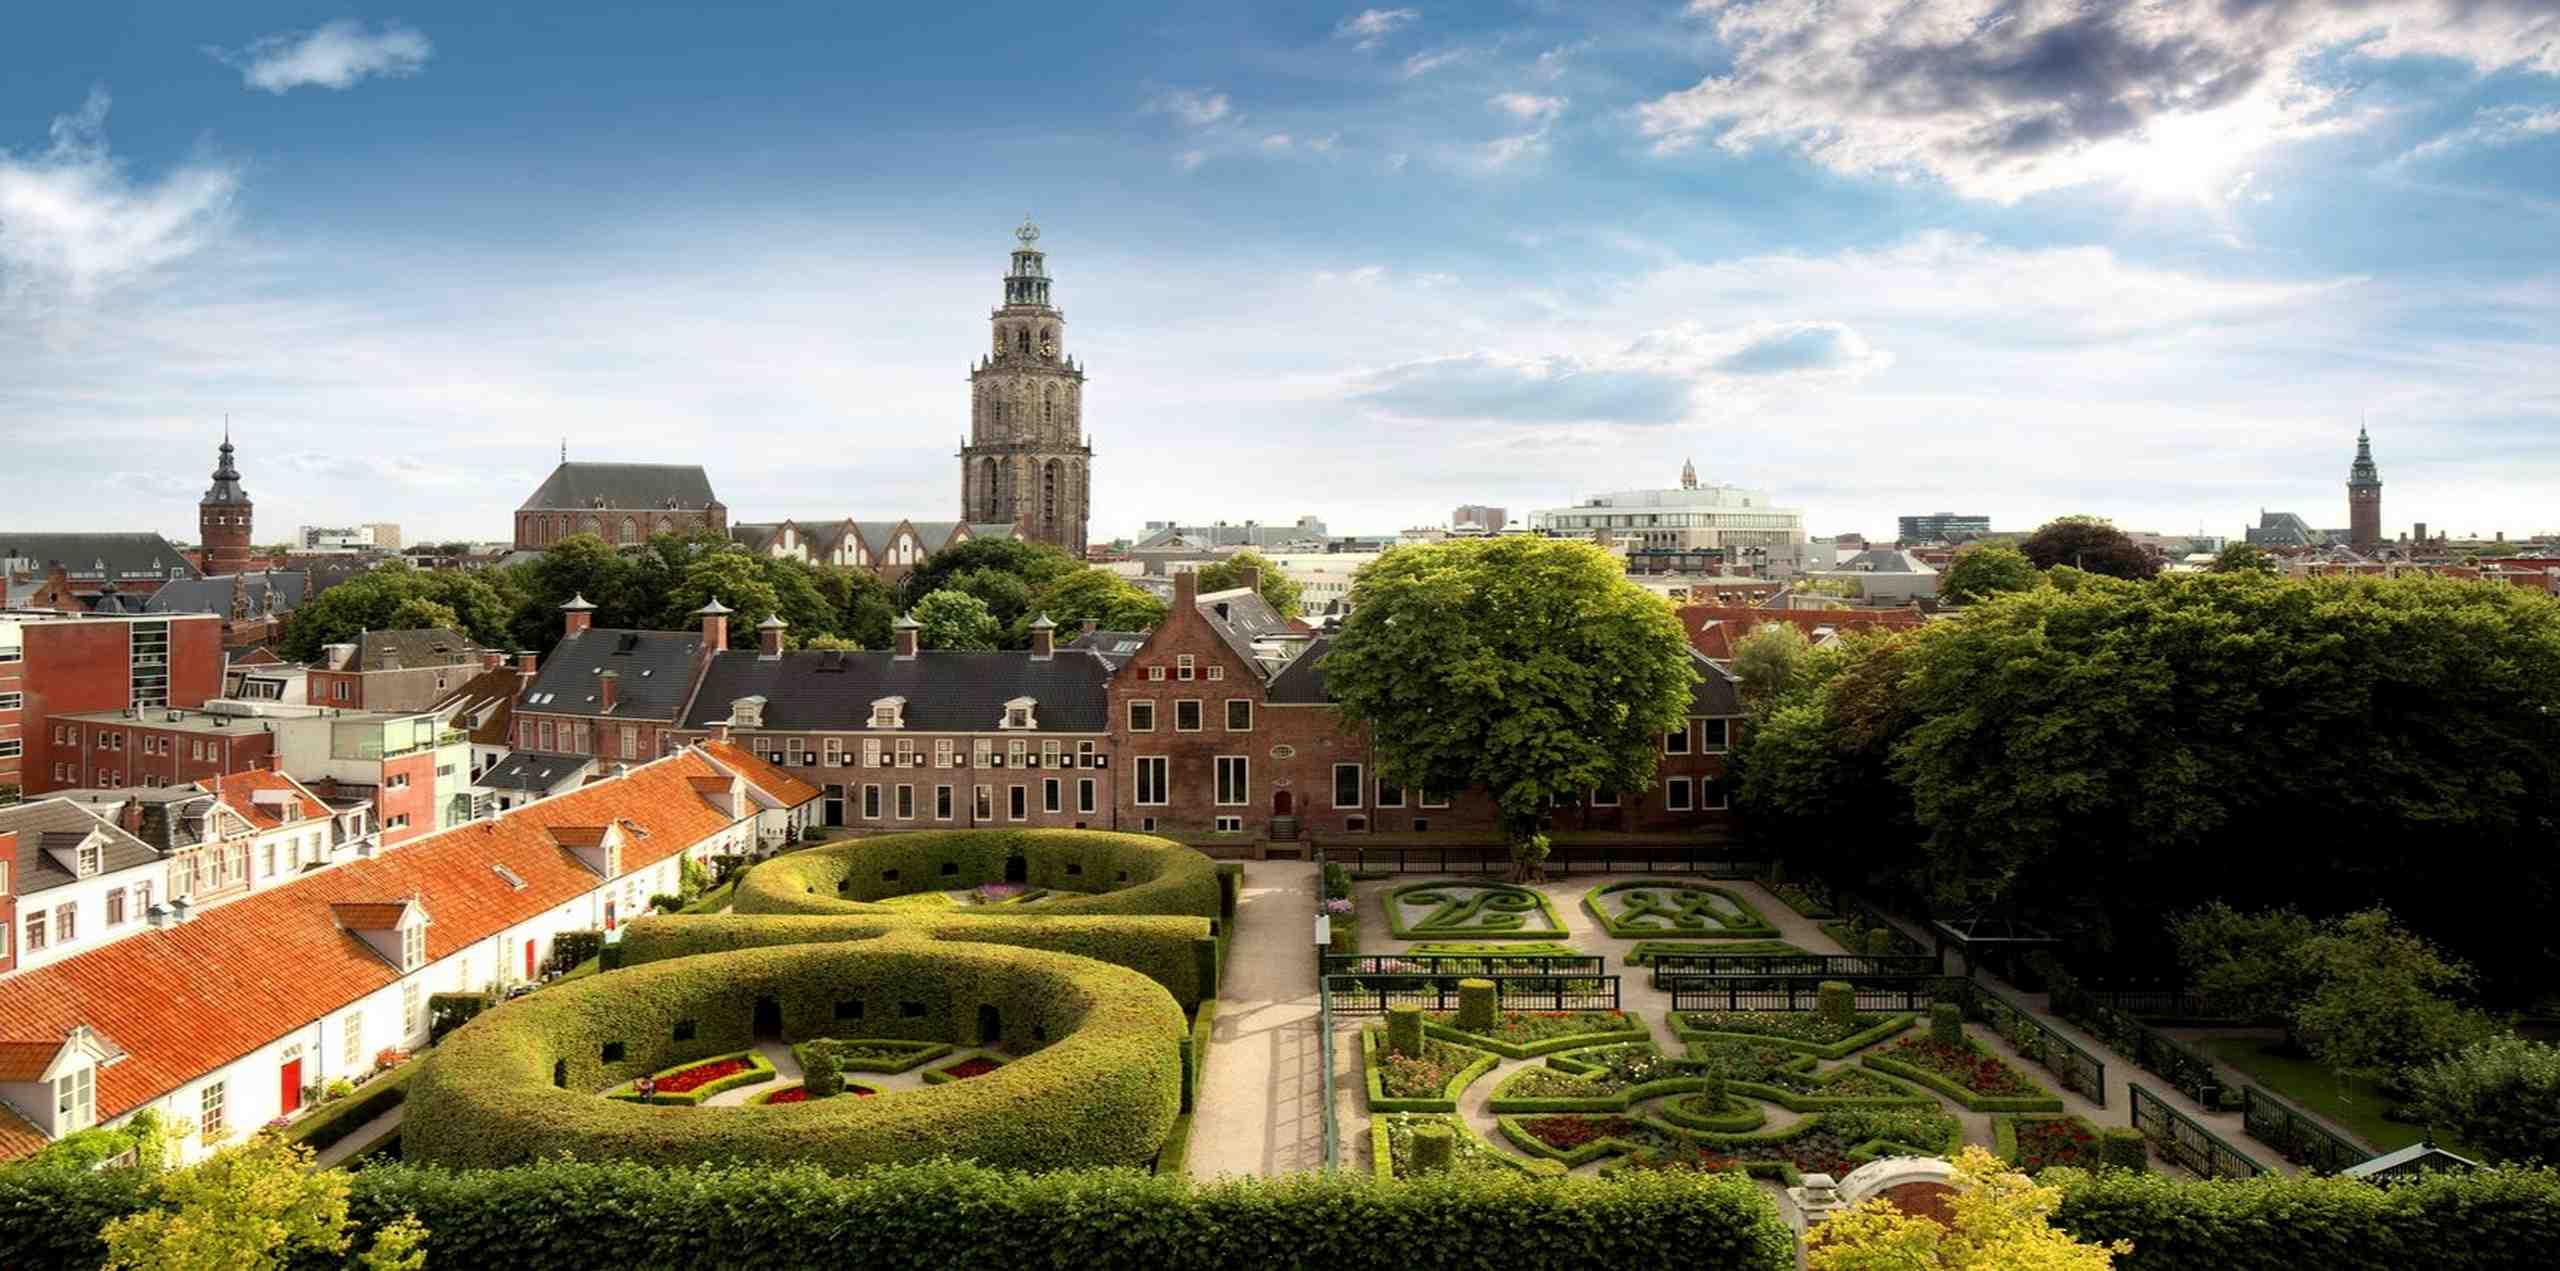 Personeelsreis Groningen.Een veelzijdige en leuke stad!